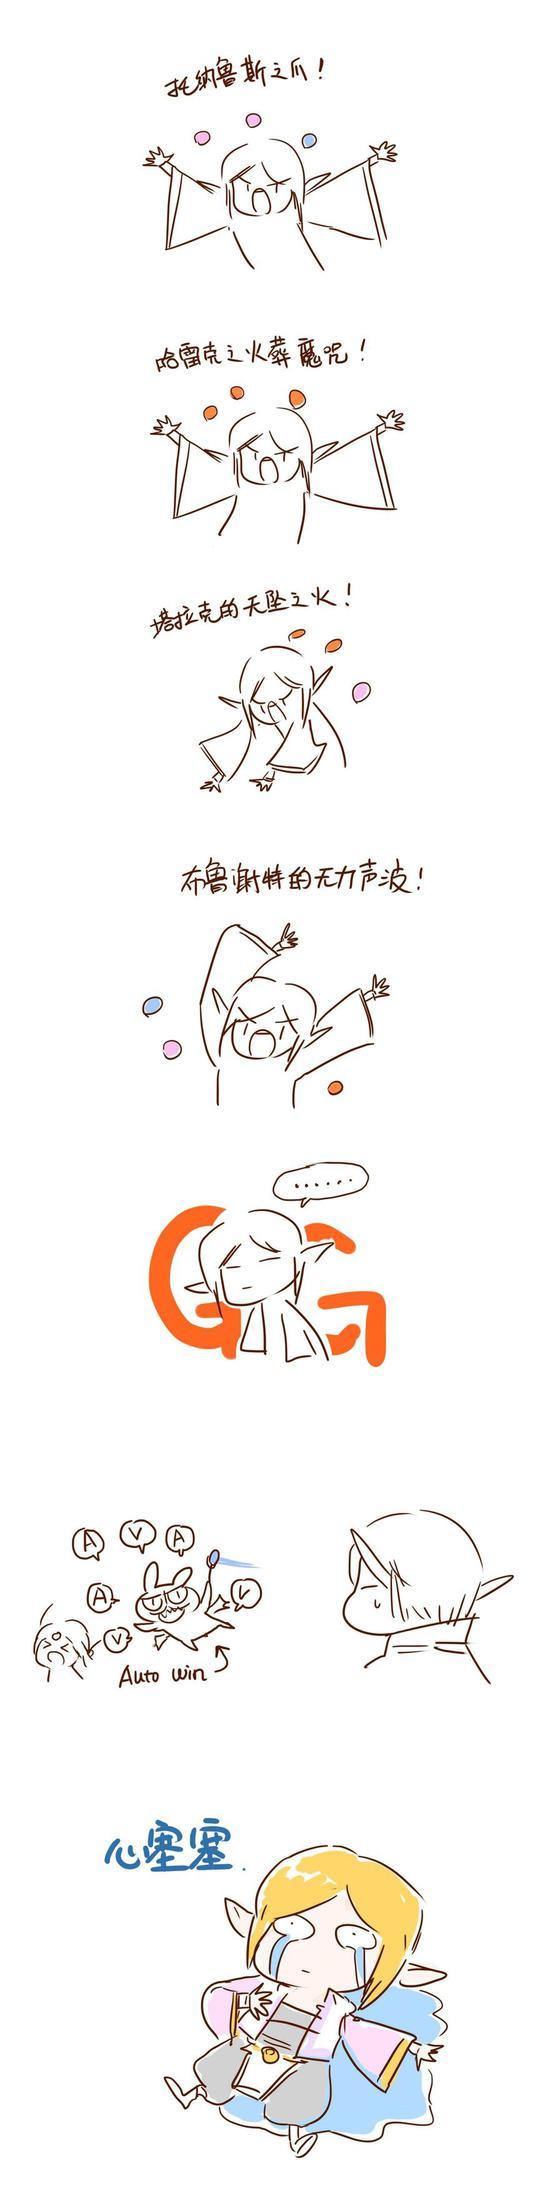 ��.d:-a:+�_gl成都major漫画战报day2:为你我受冷峰锤